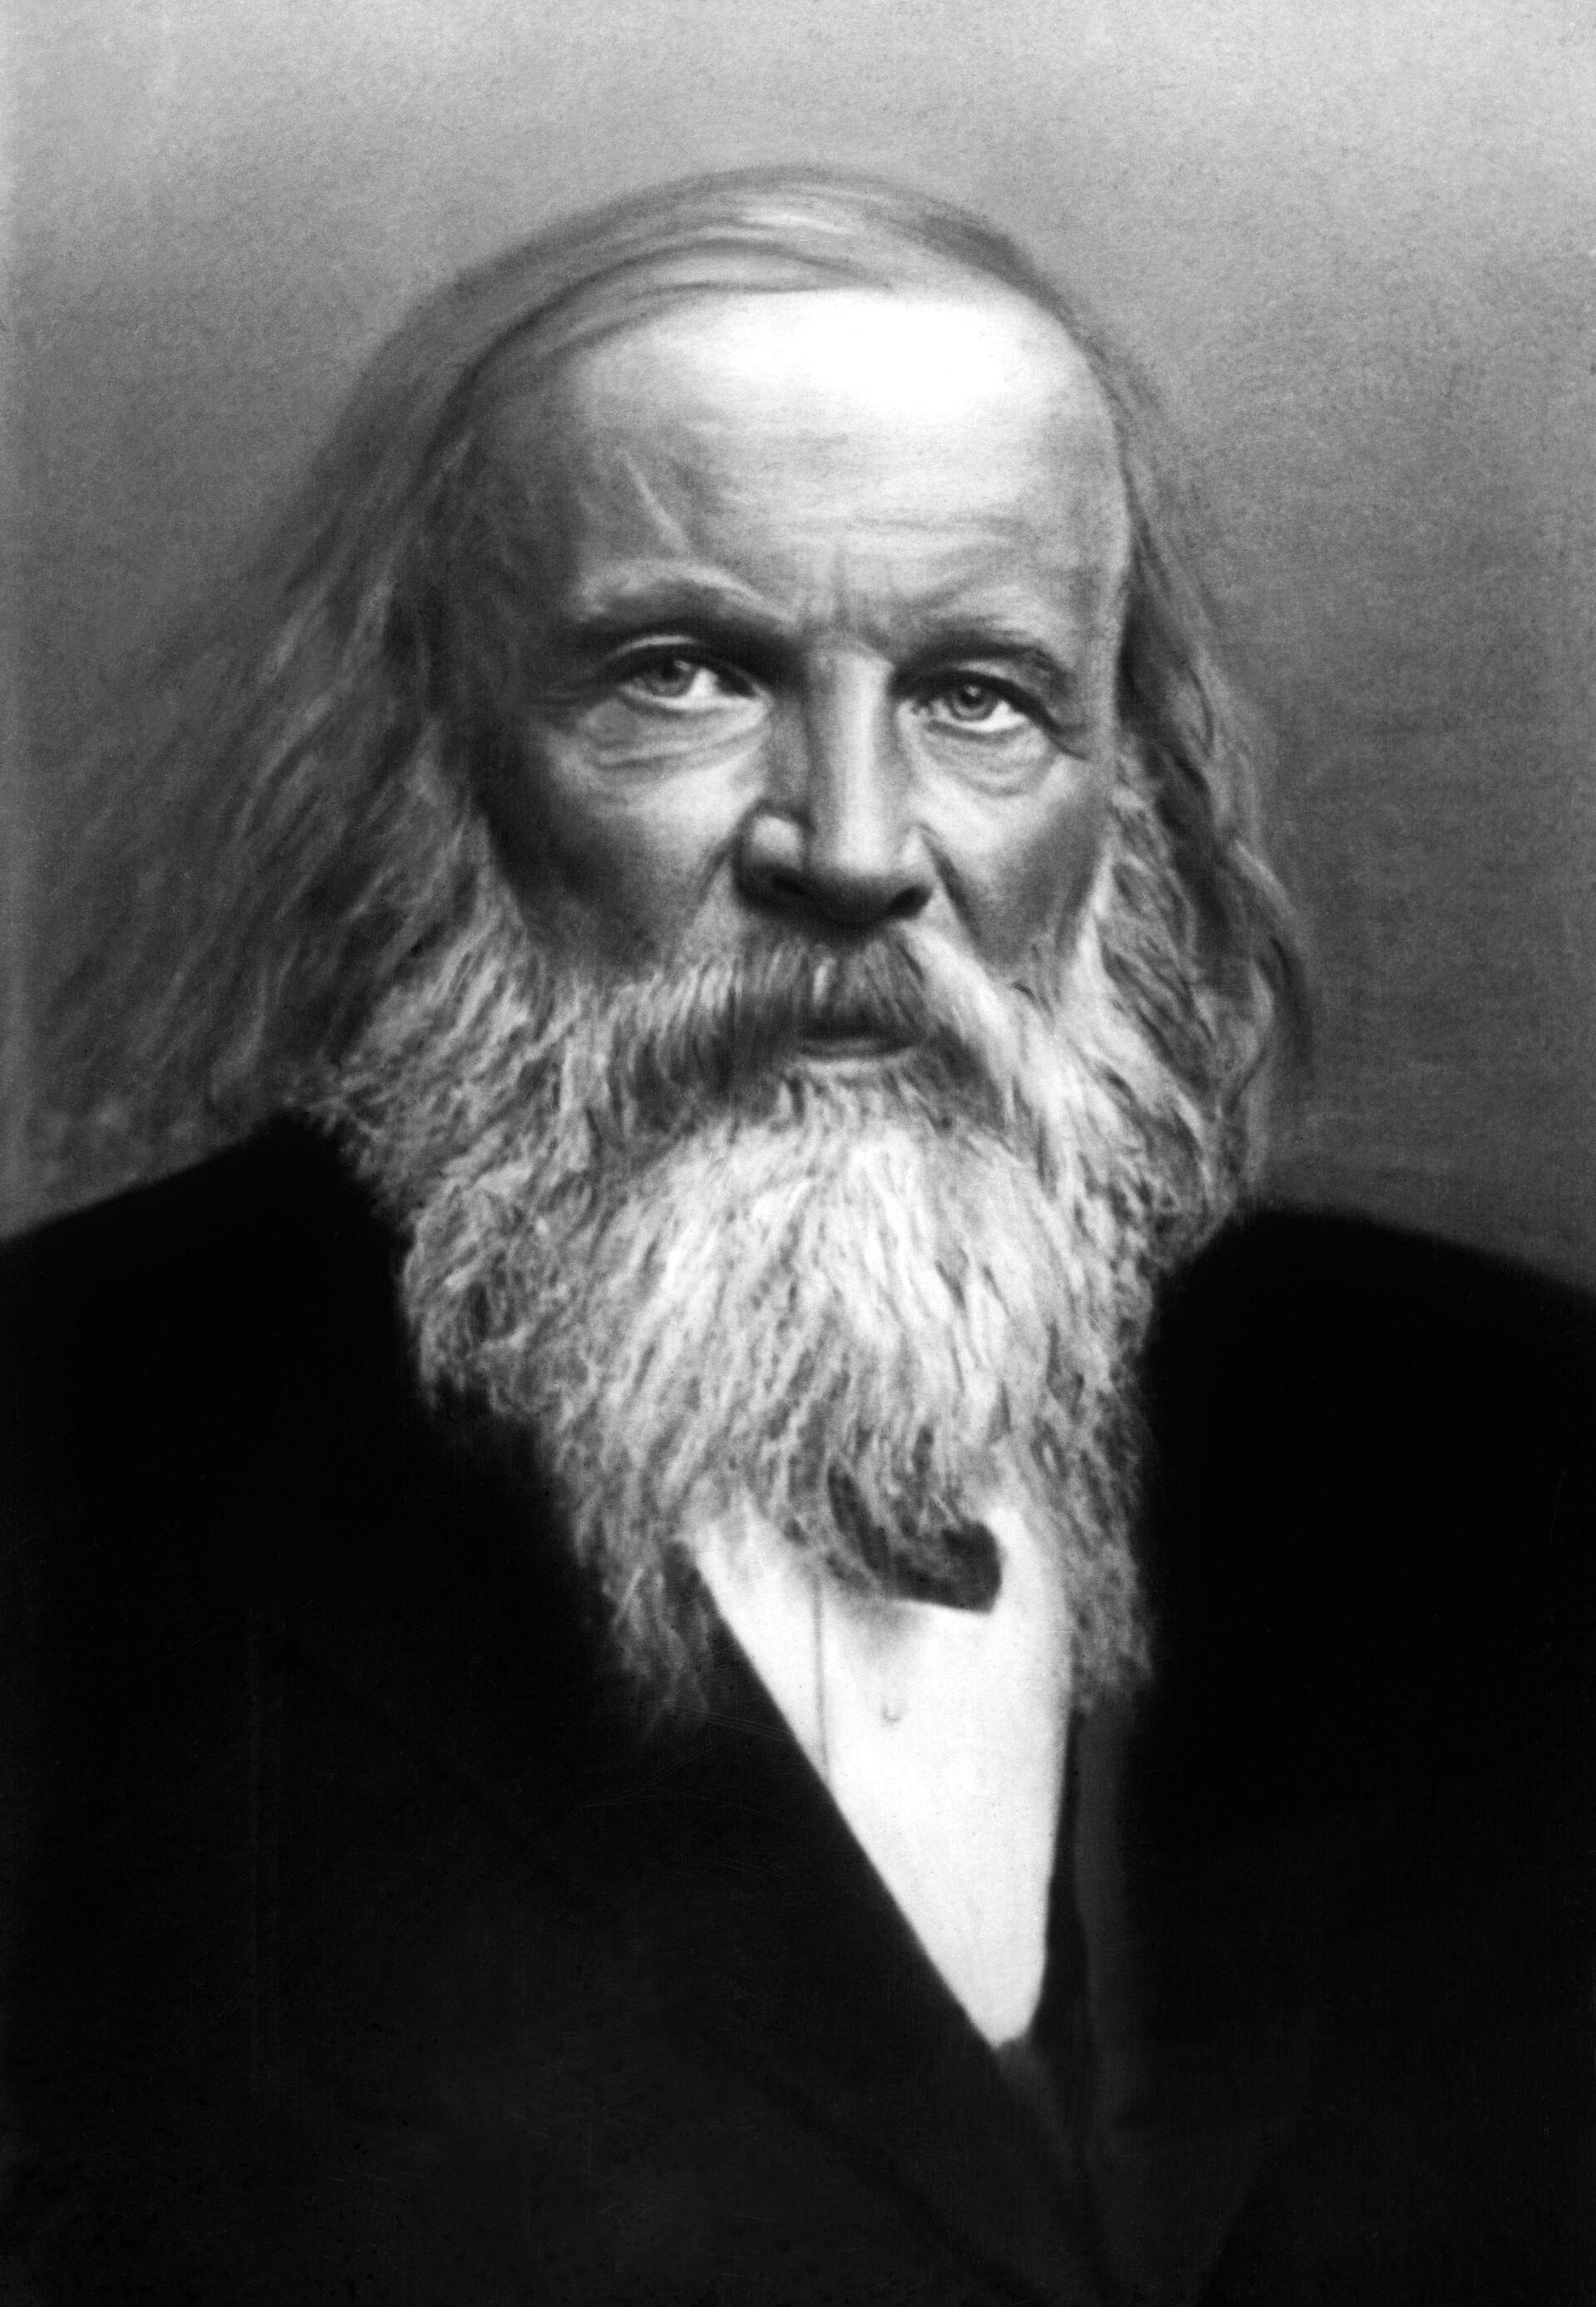 Русский ученый Д.Менделеев - РИА Новости, 1920, 06.10.2020